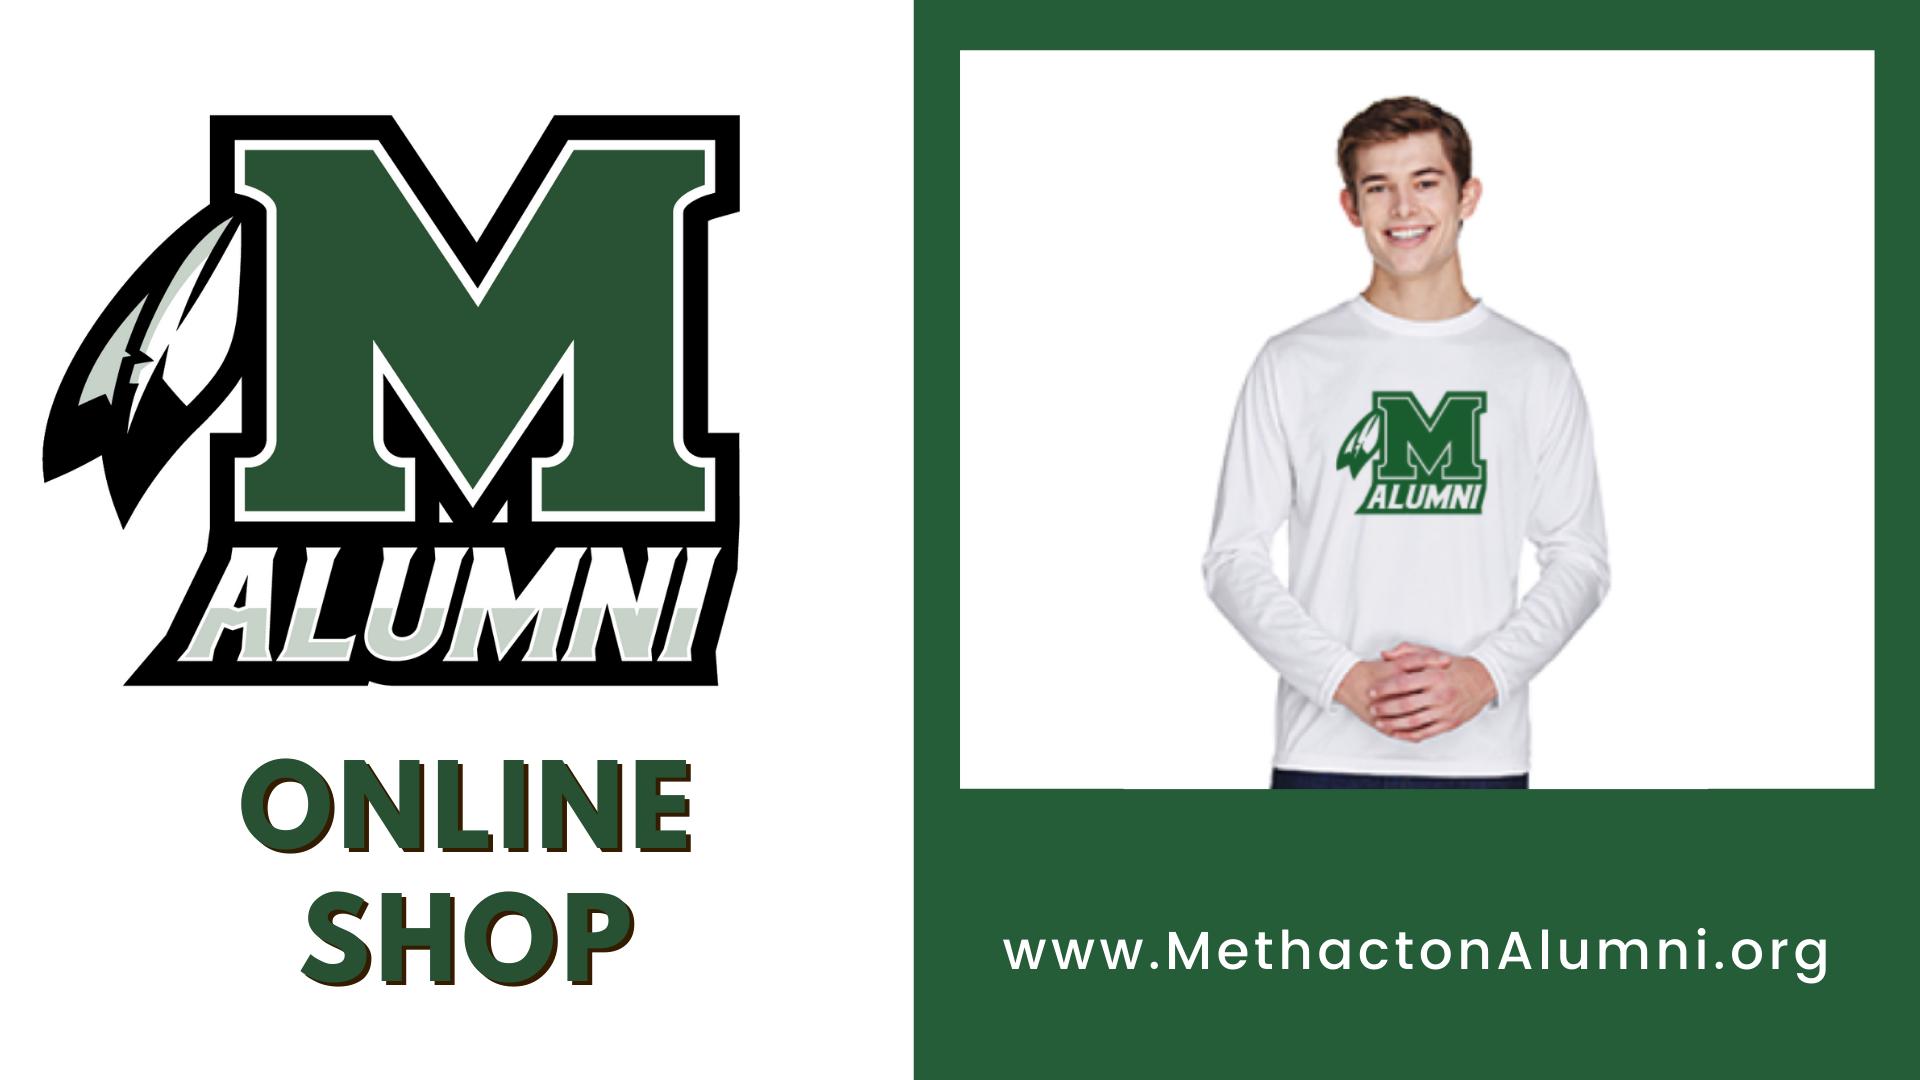 Methacton Alumni Shop Now Open